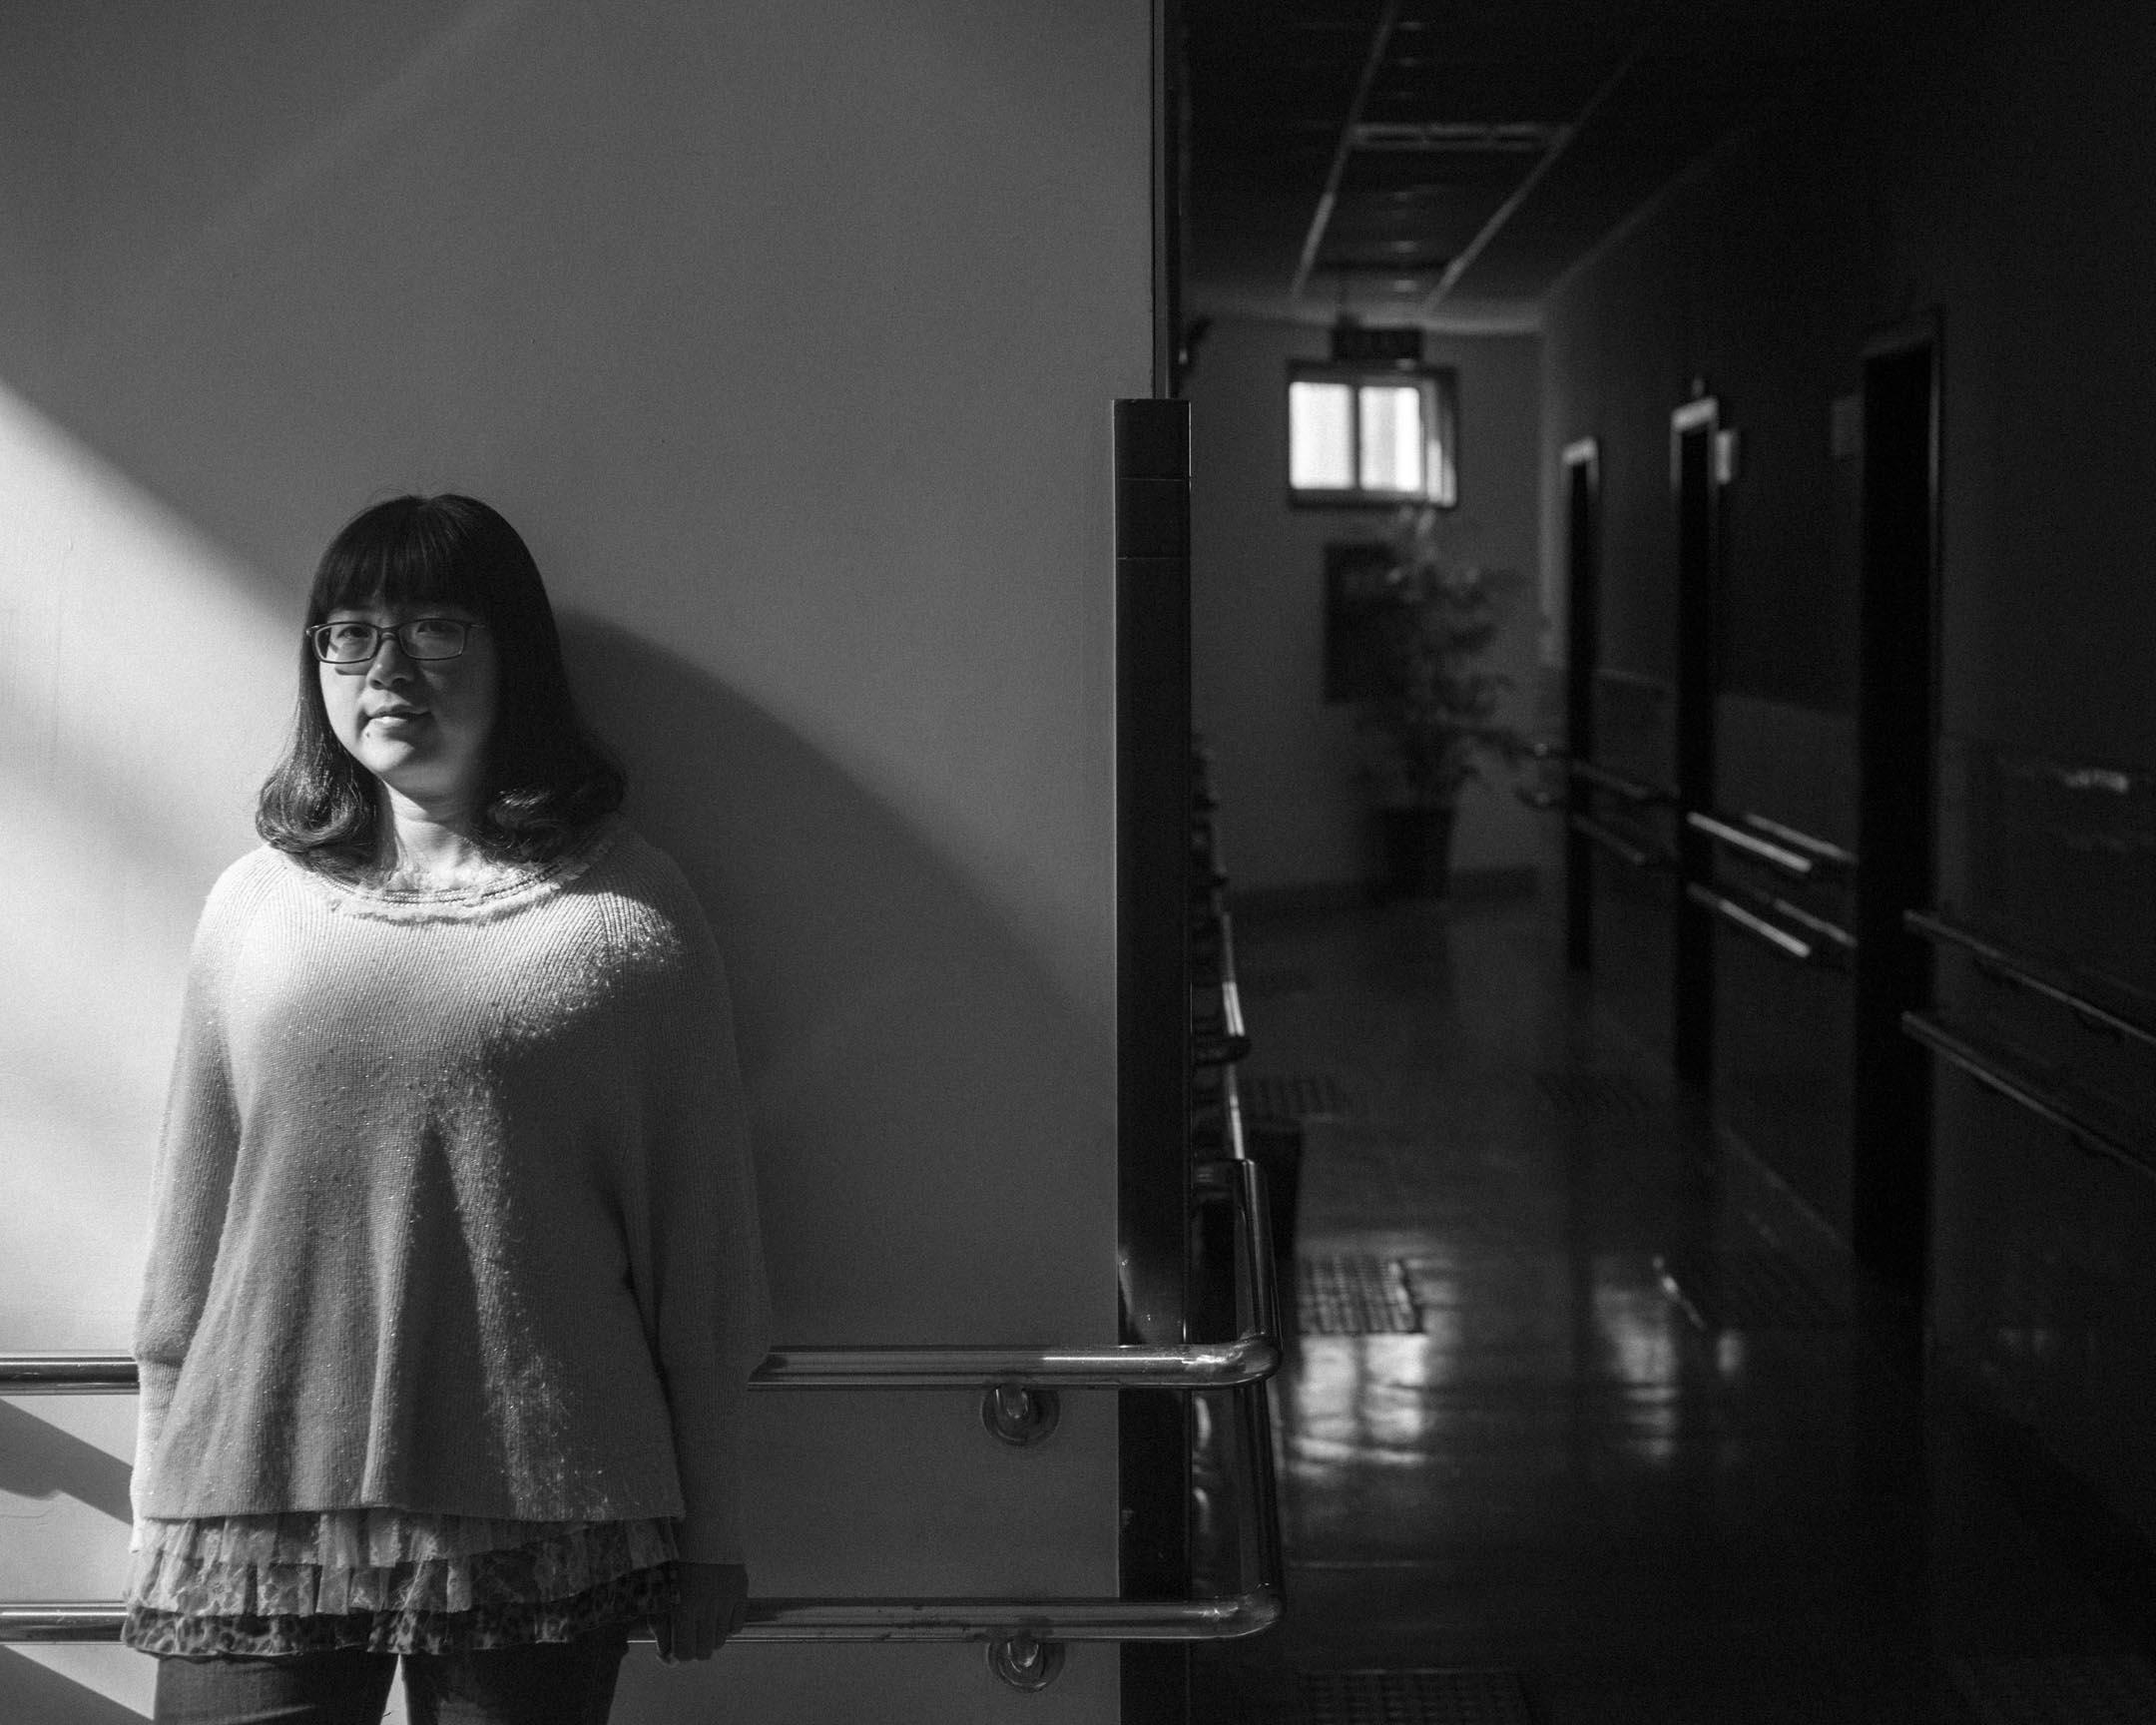 賴寒,31歲,四川人,香港復康會四川項目社工,幫助地震傷員重新融入社會,如今在復康會推動成立的內地NGO四川揚康殘疾人康復技術培訓指導中心繼續服務殘障人士和慢性病患者。